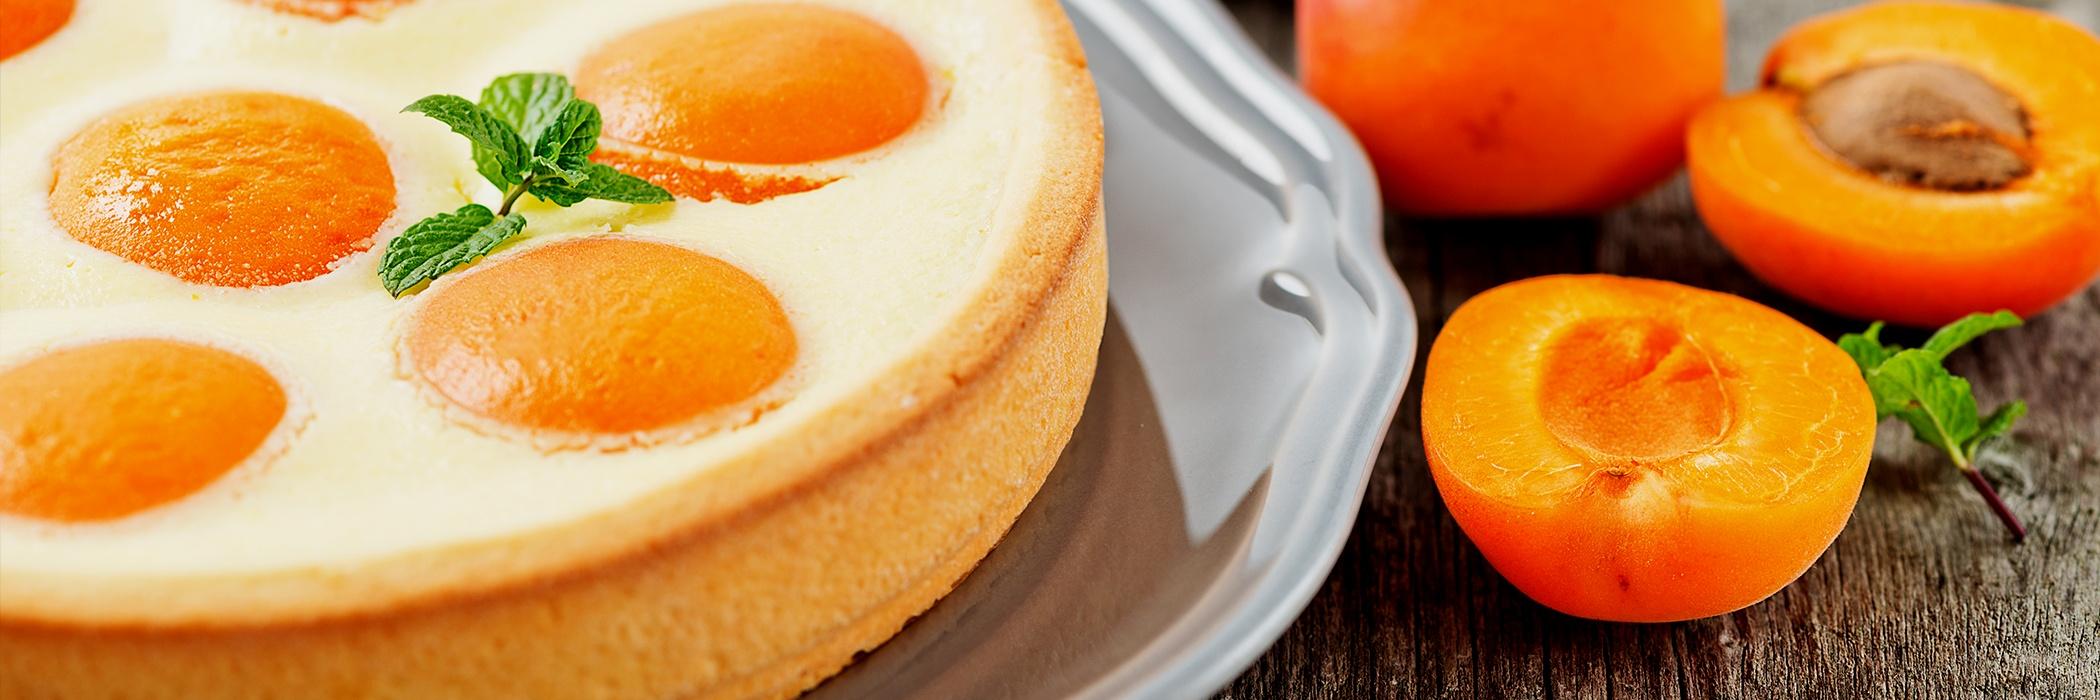 torta cheesecake alle albicocche